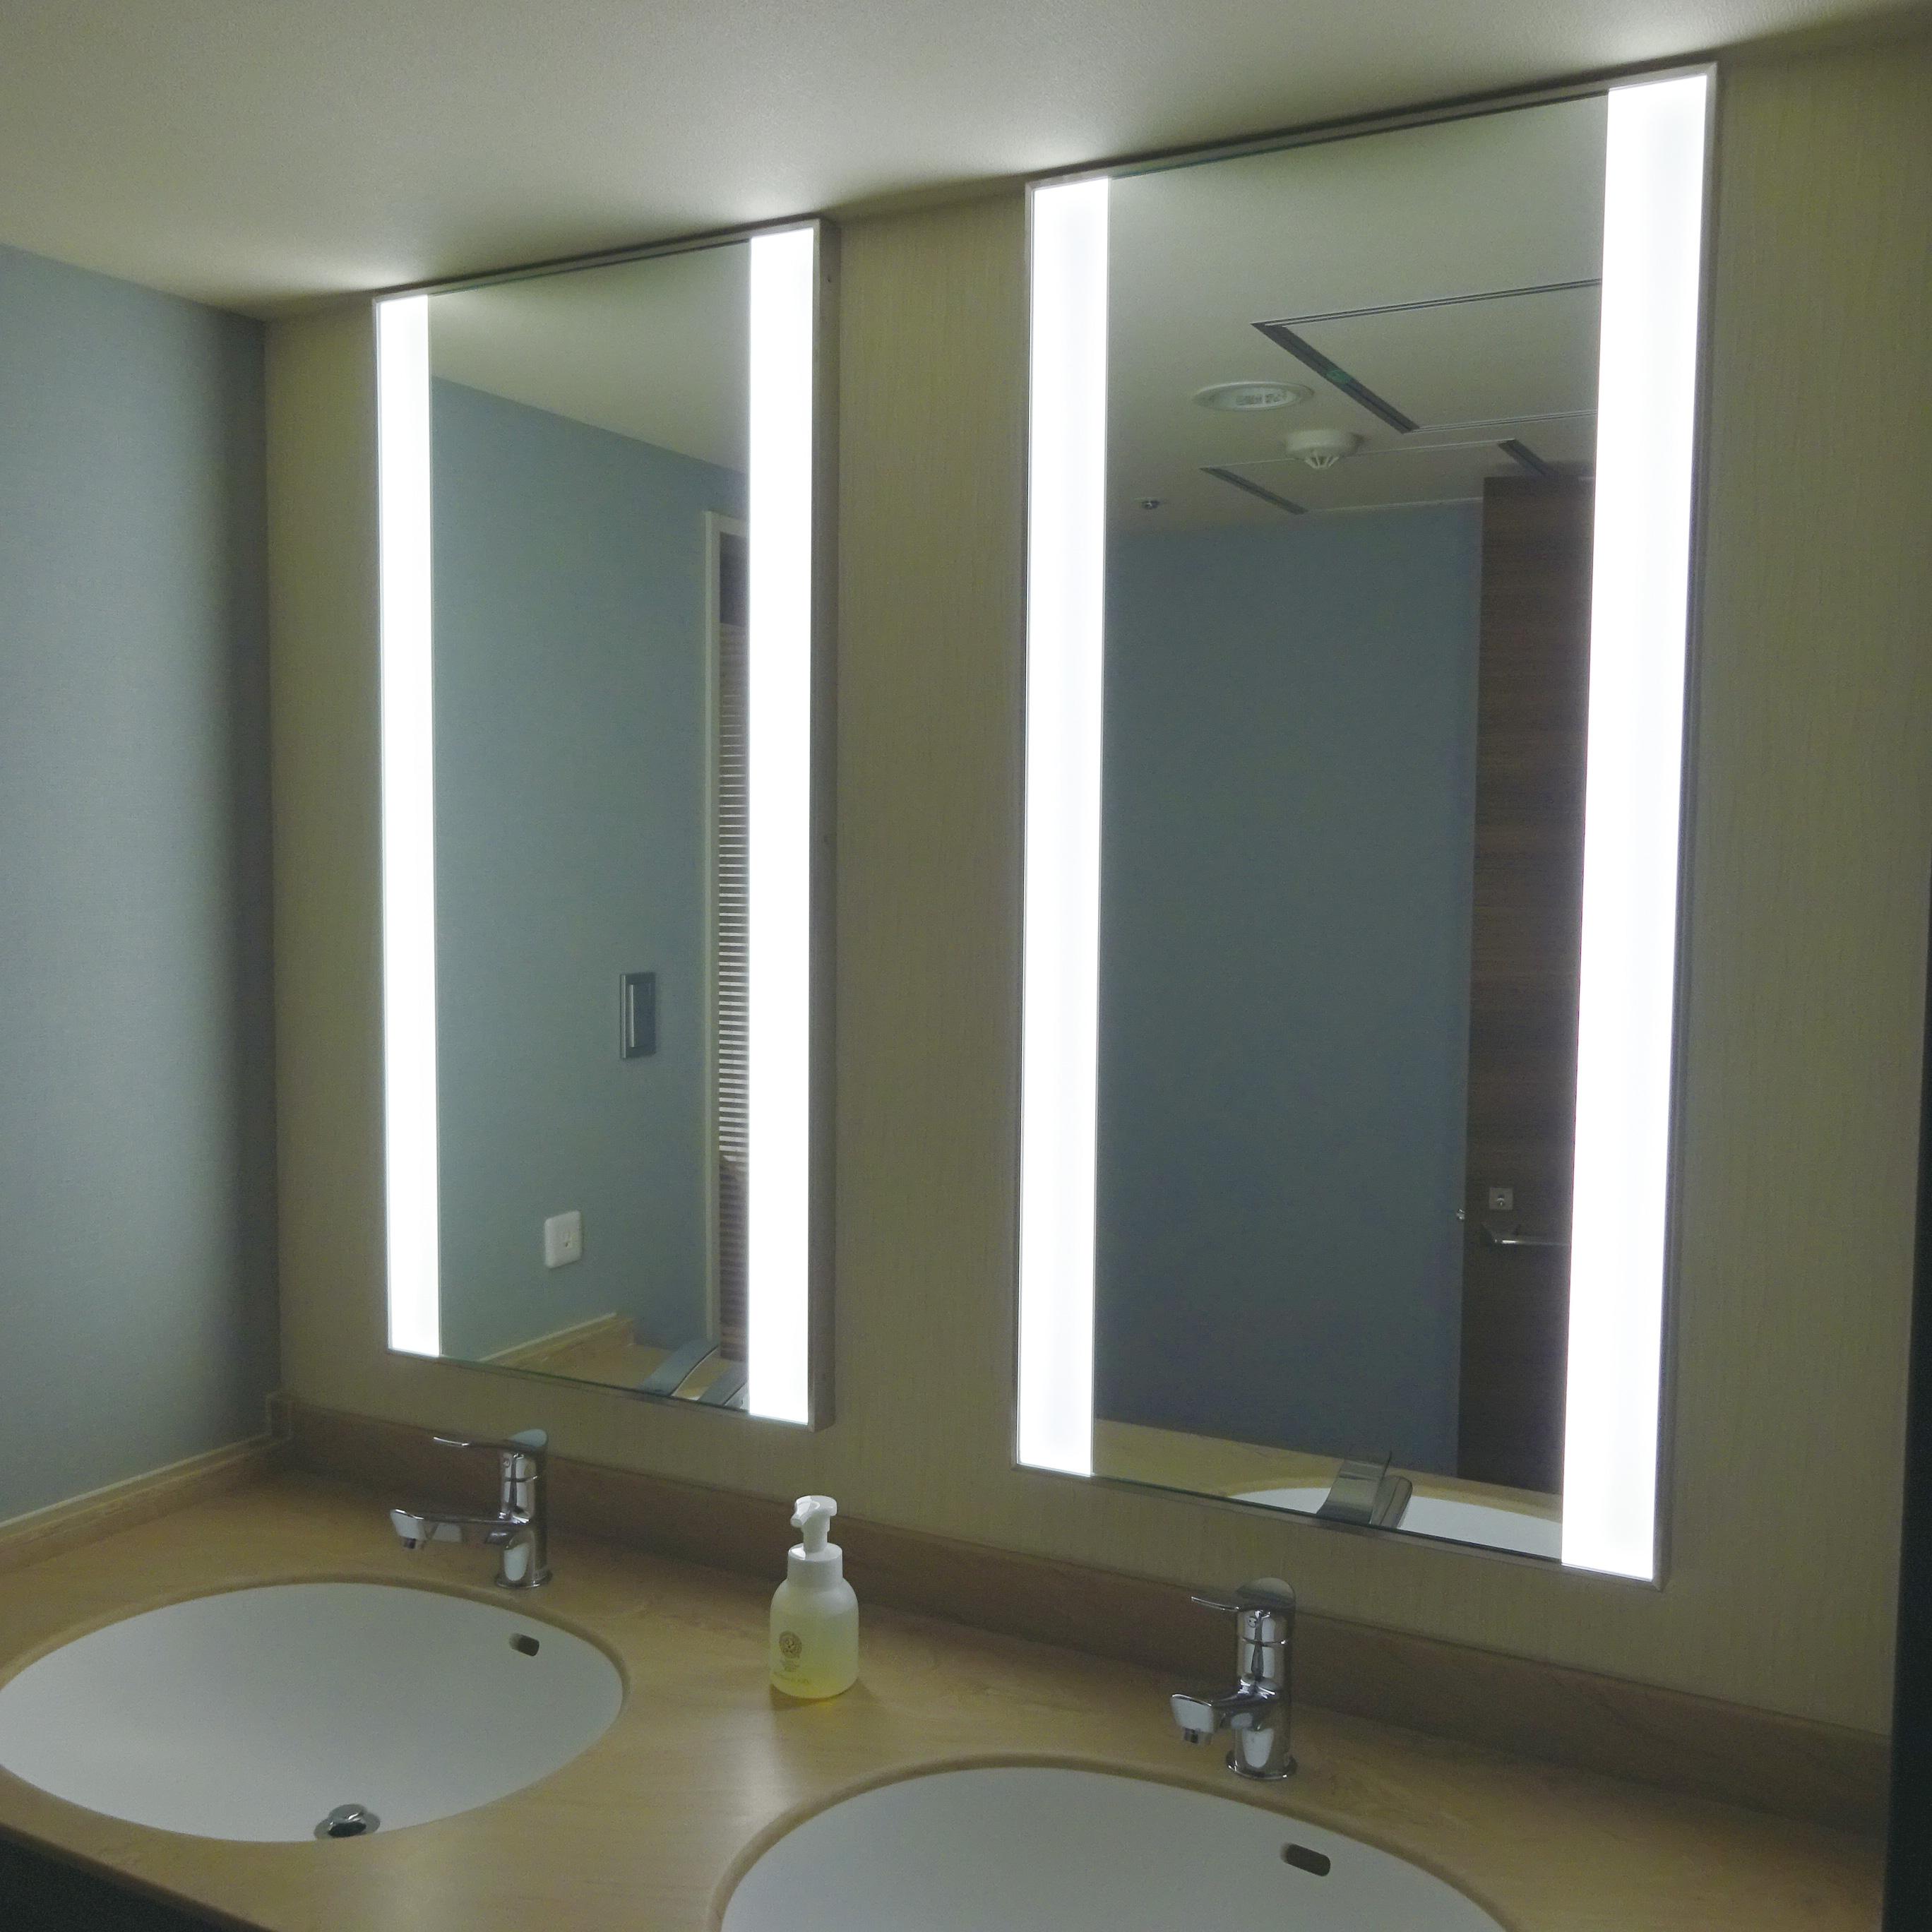 LED商品